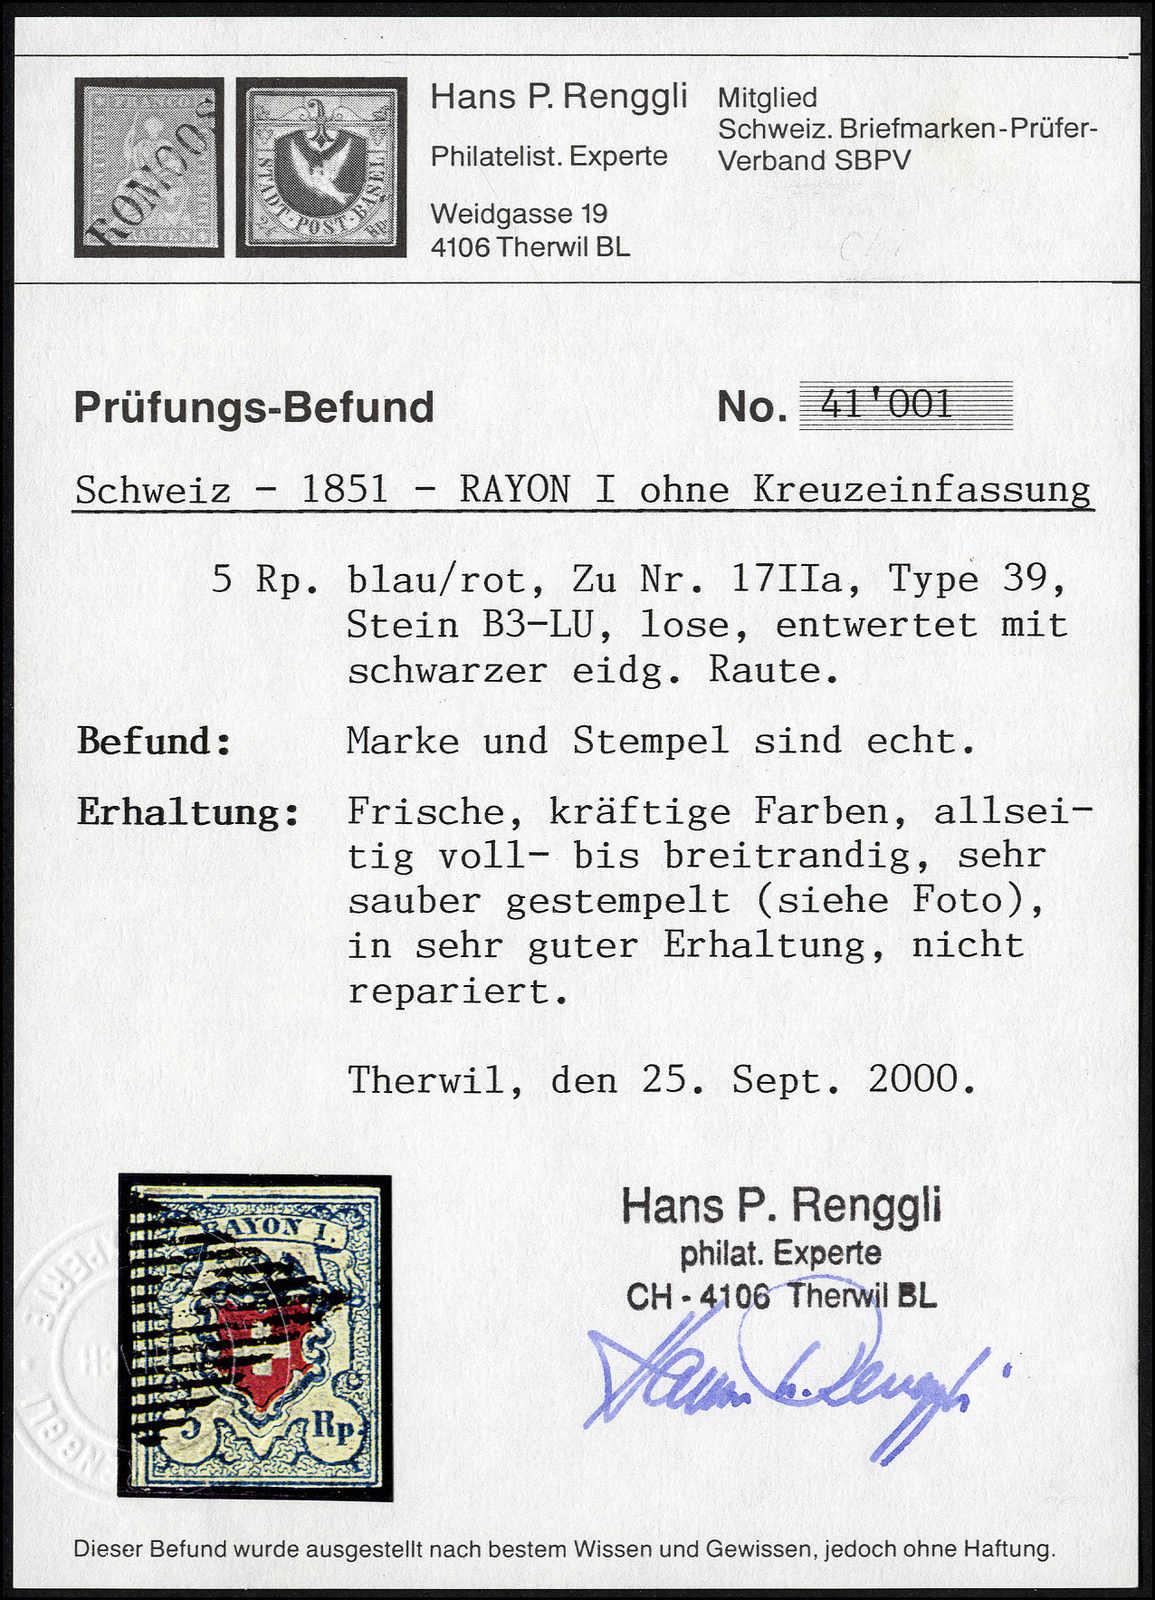 Lot 23 - sammlungen und posten sammlungen und posten altschweiz -  Rolli Auctions Auction #68 Day 1